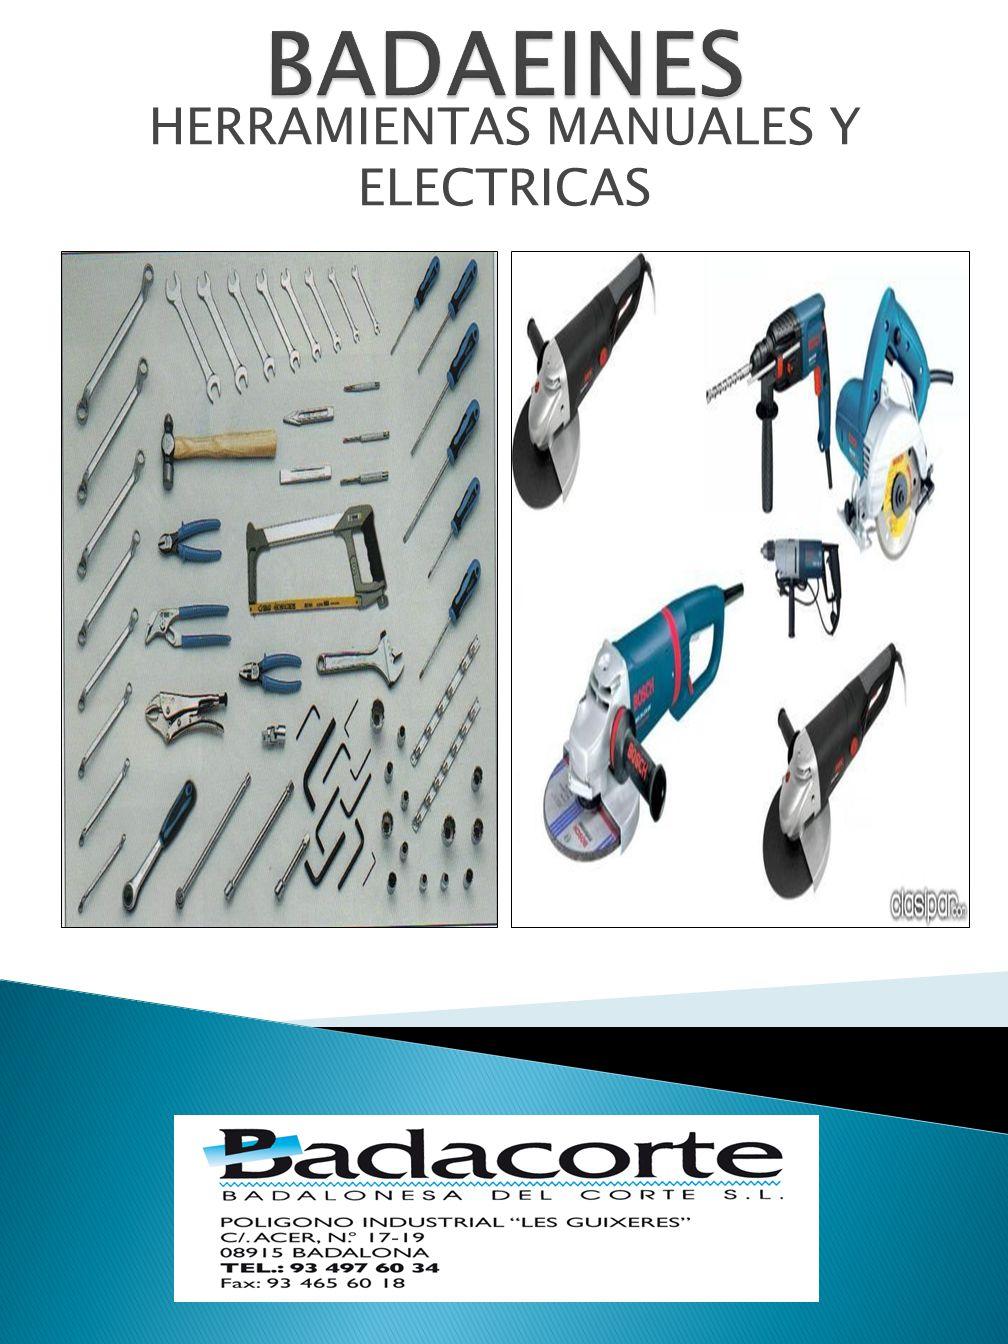 HERRAMIENTAS MANUALES Y ELECTRICAS